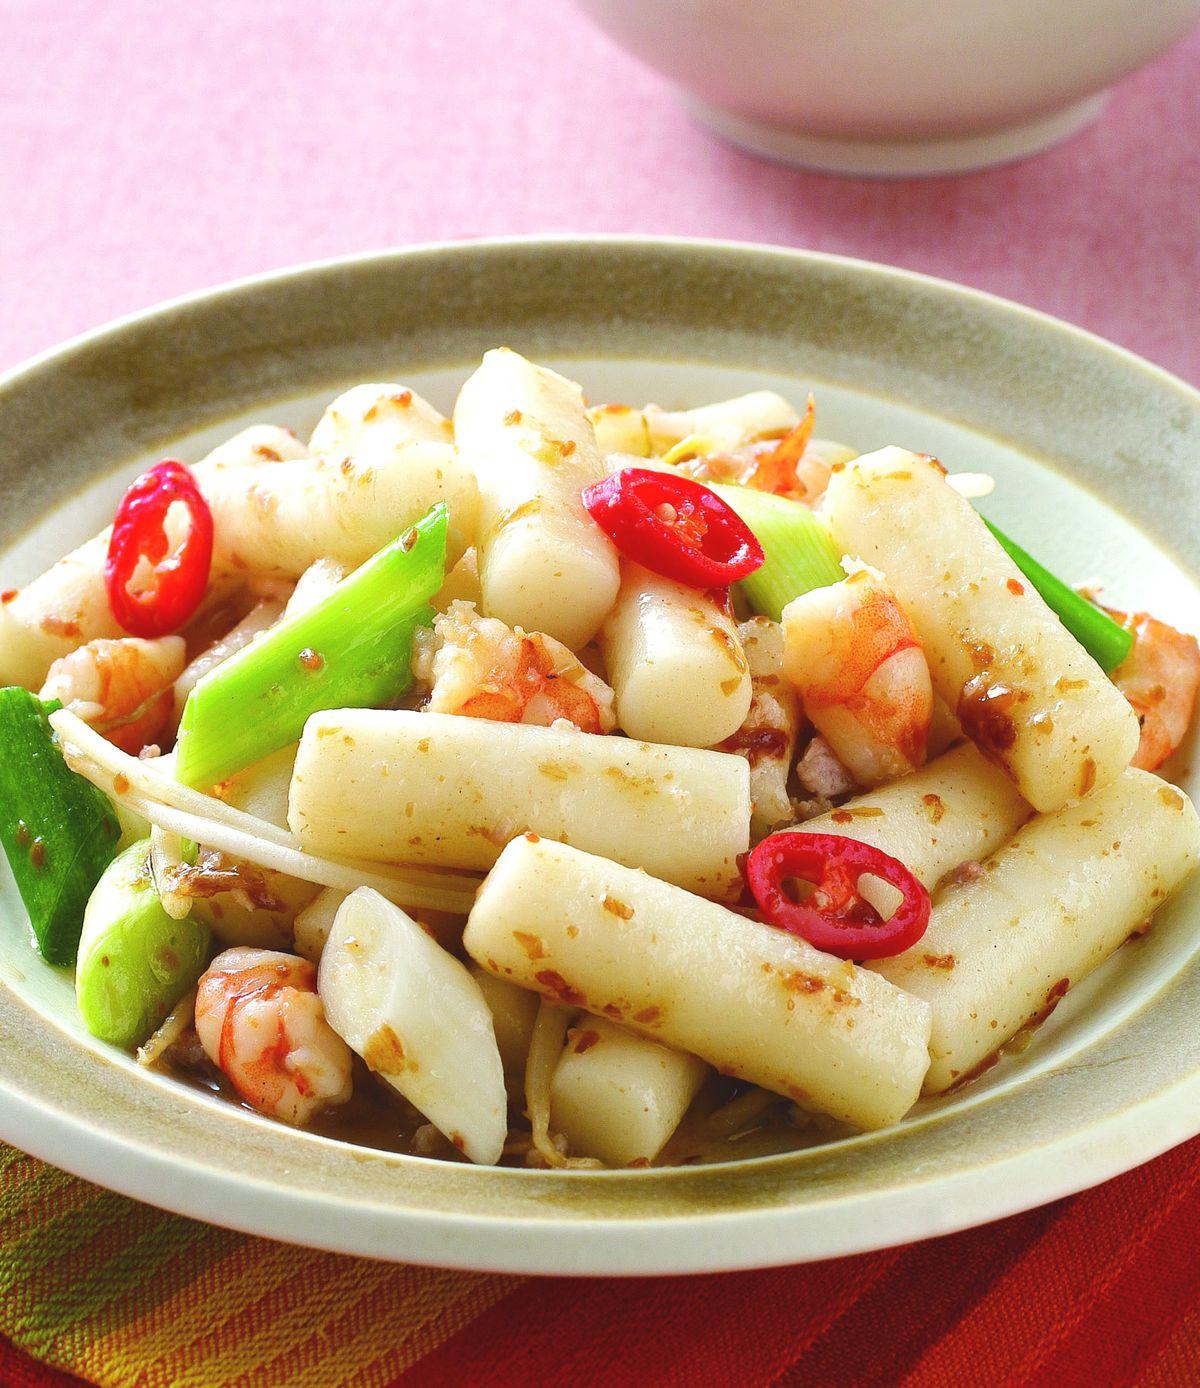 食譜:鮮蝦炒年糕